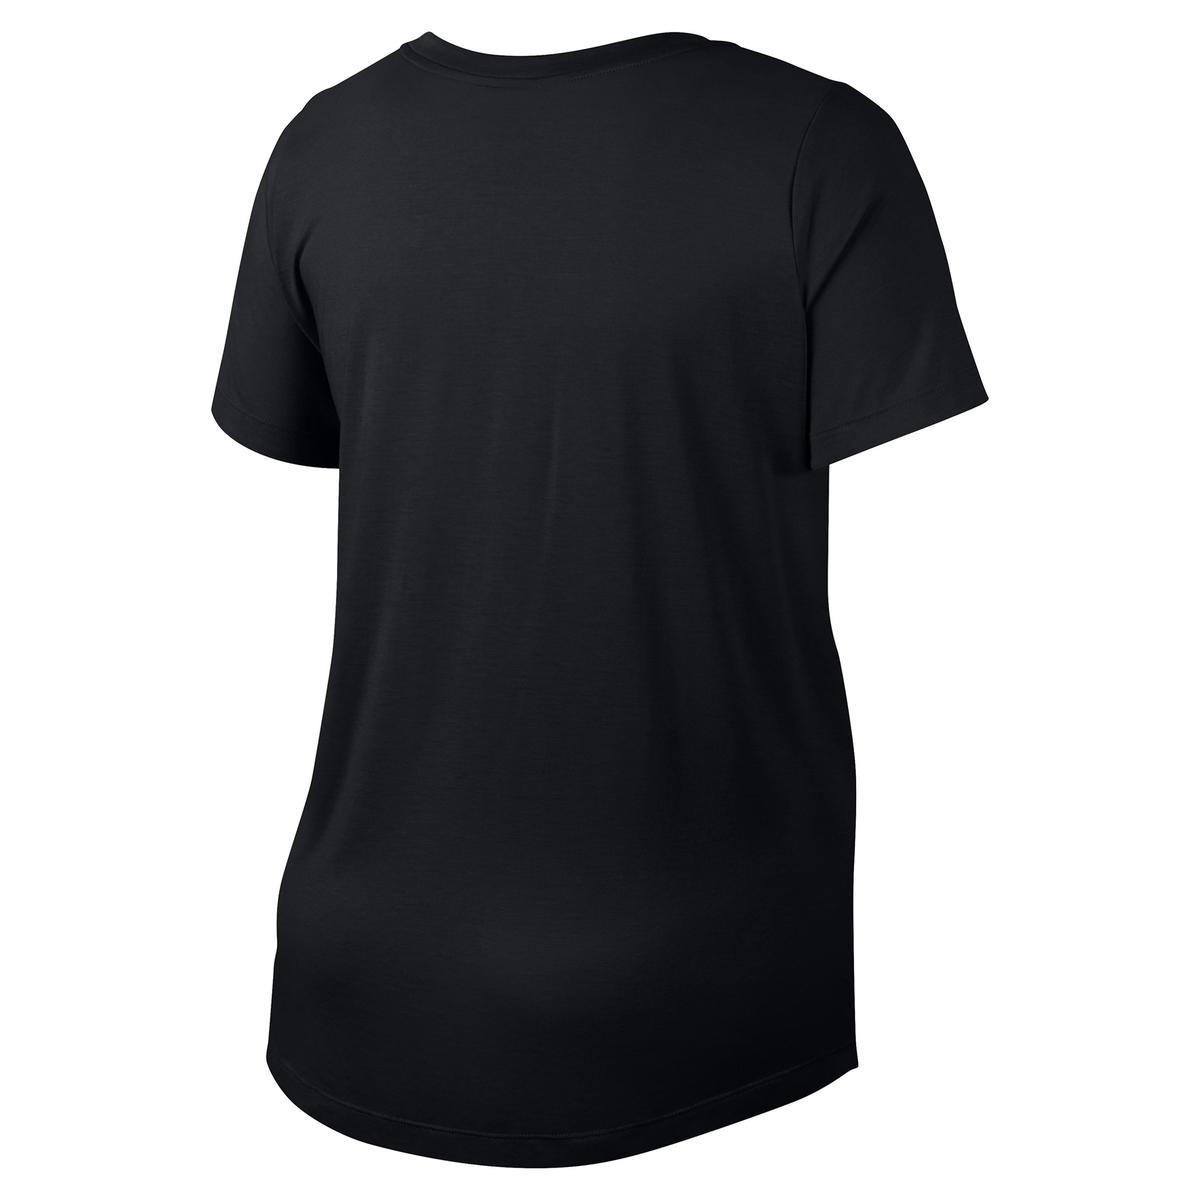 Imagen secundaria de producto de Camiseta con cuello redondo y manga corta - Nike